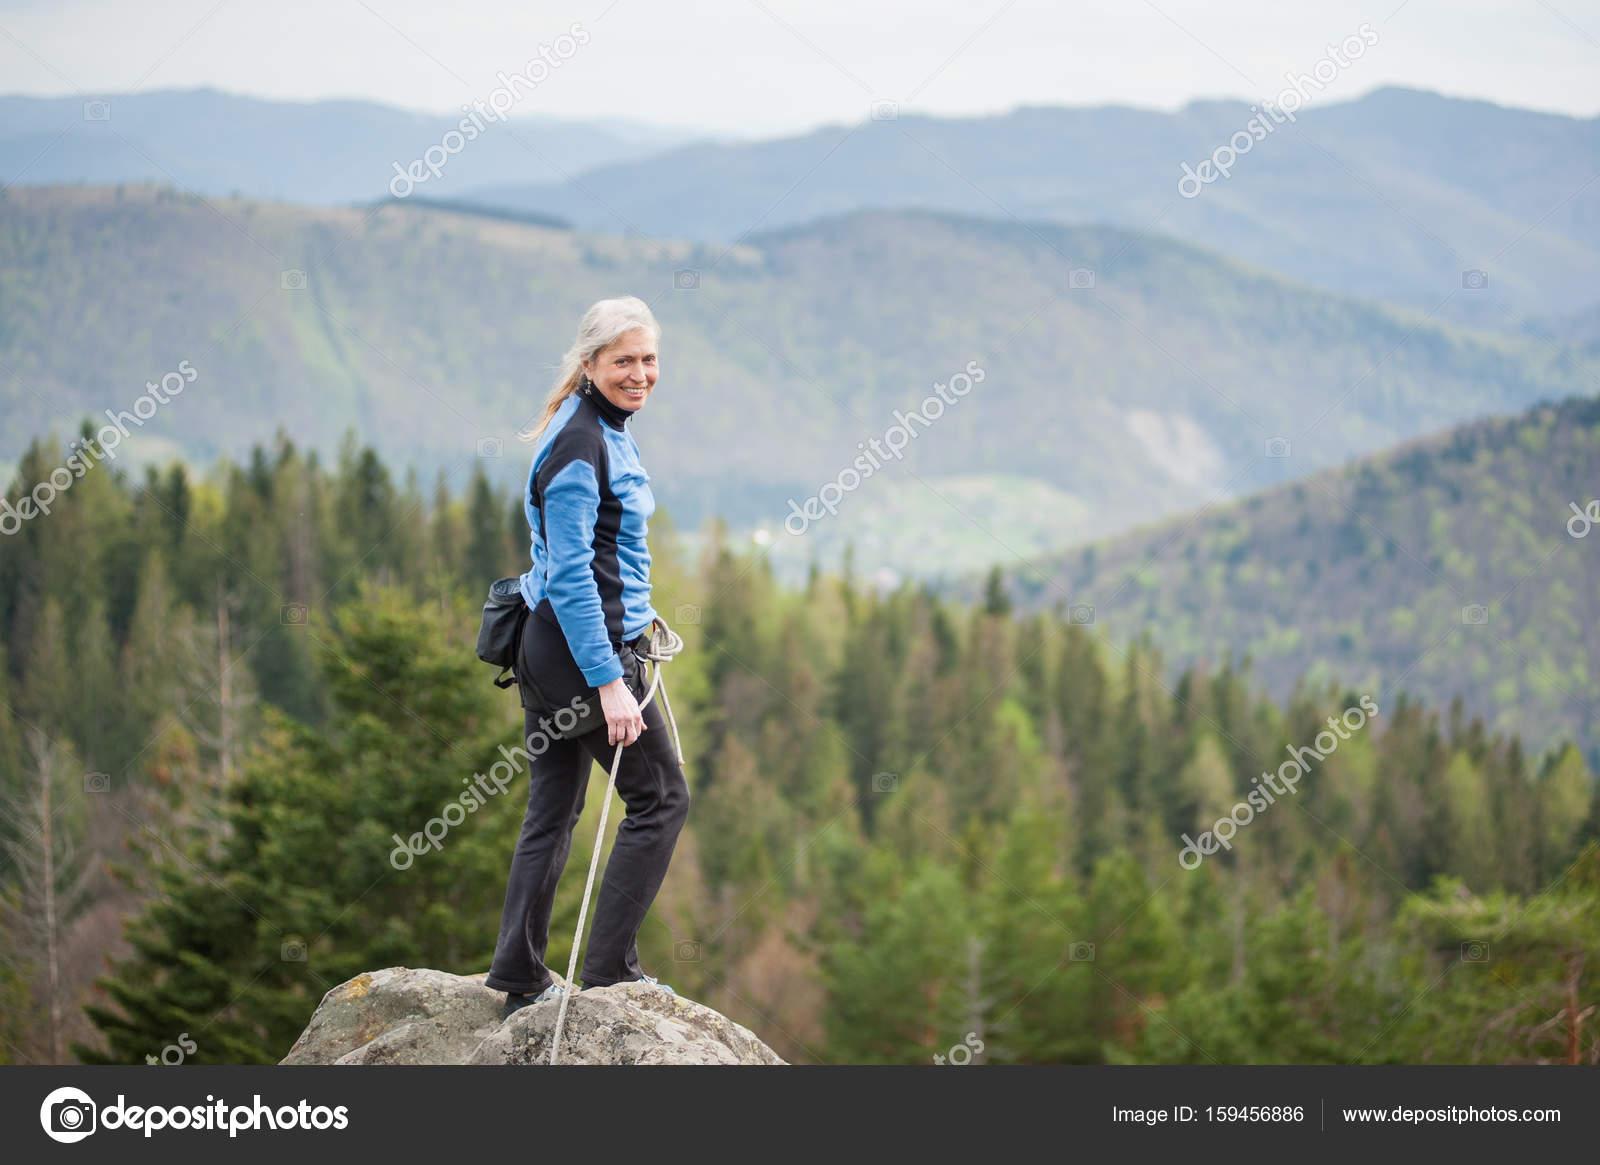 Kletterausrüstung Für Draußen : Outdoor versand shop für jeden trek kletterausrüstung bergsport